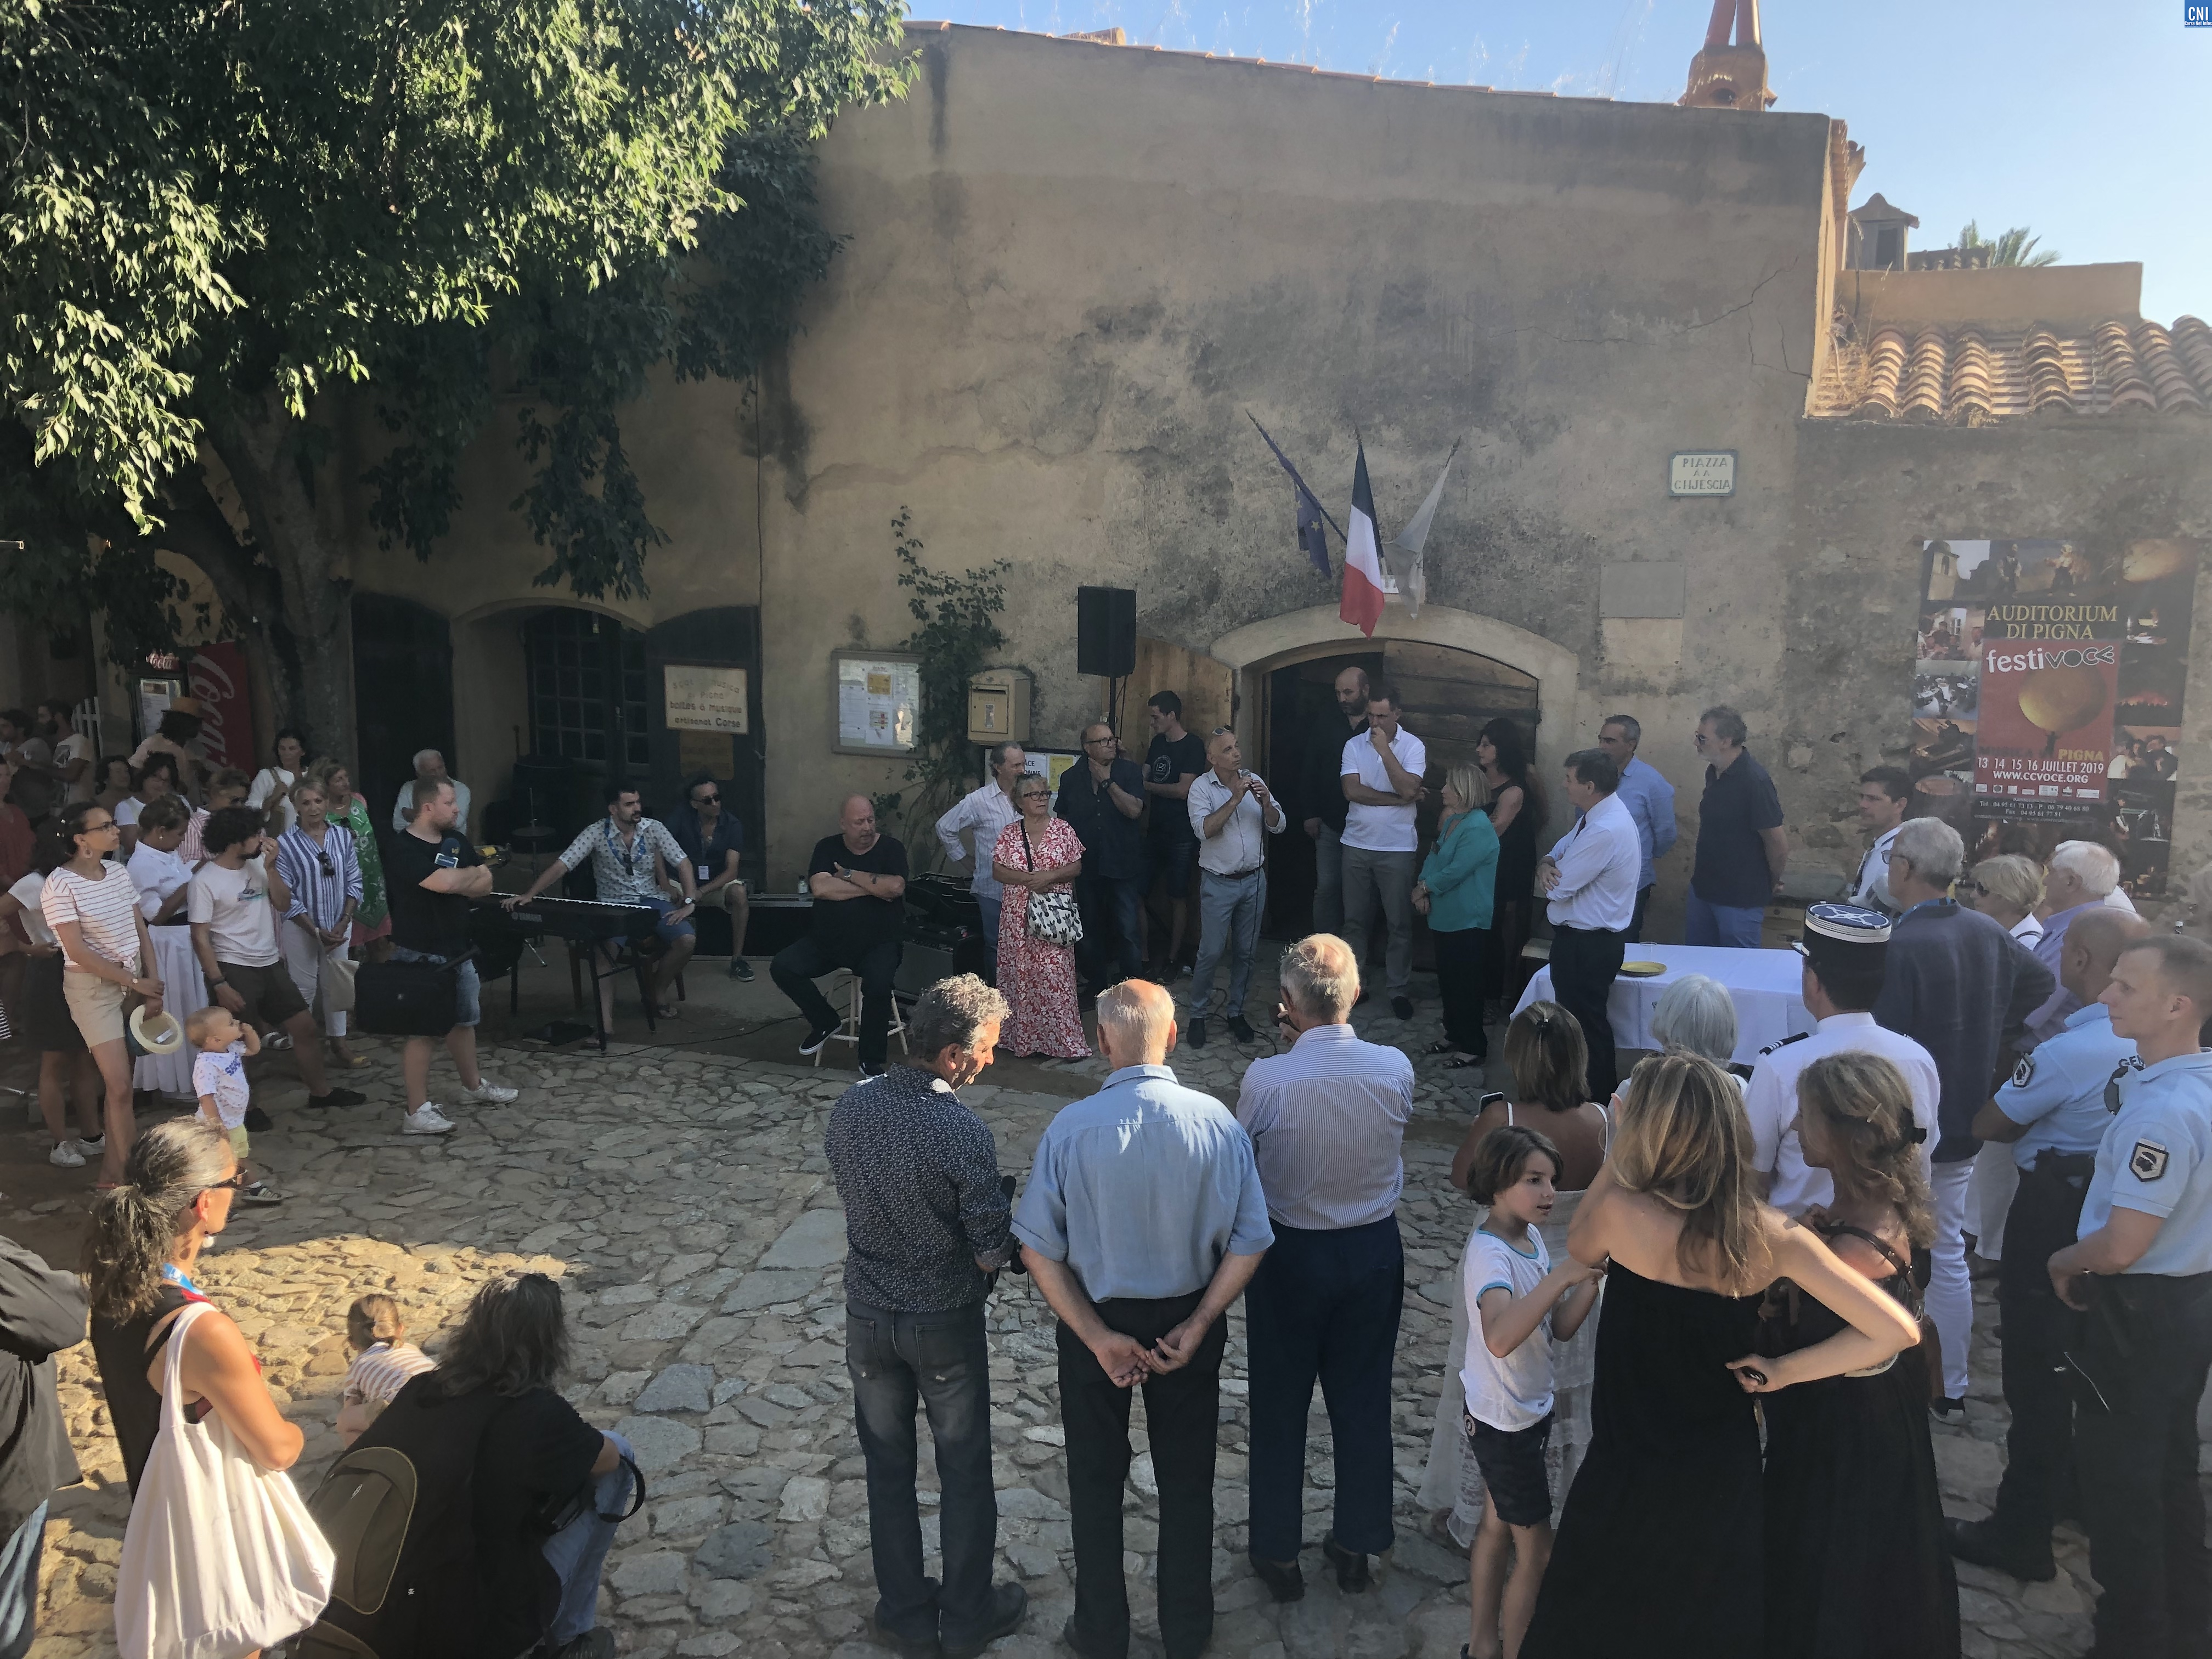 Festivoce 2019 : à Pigna les festivités ont commencé